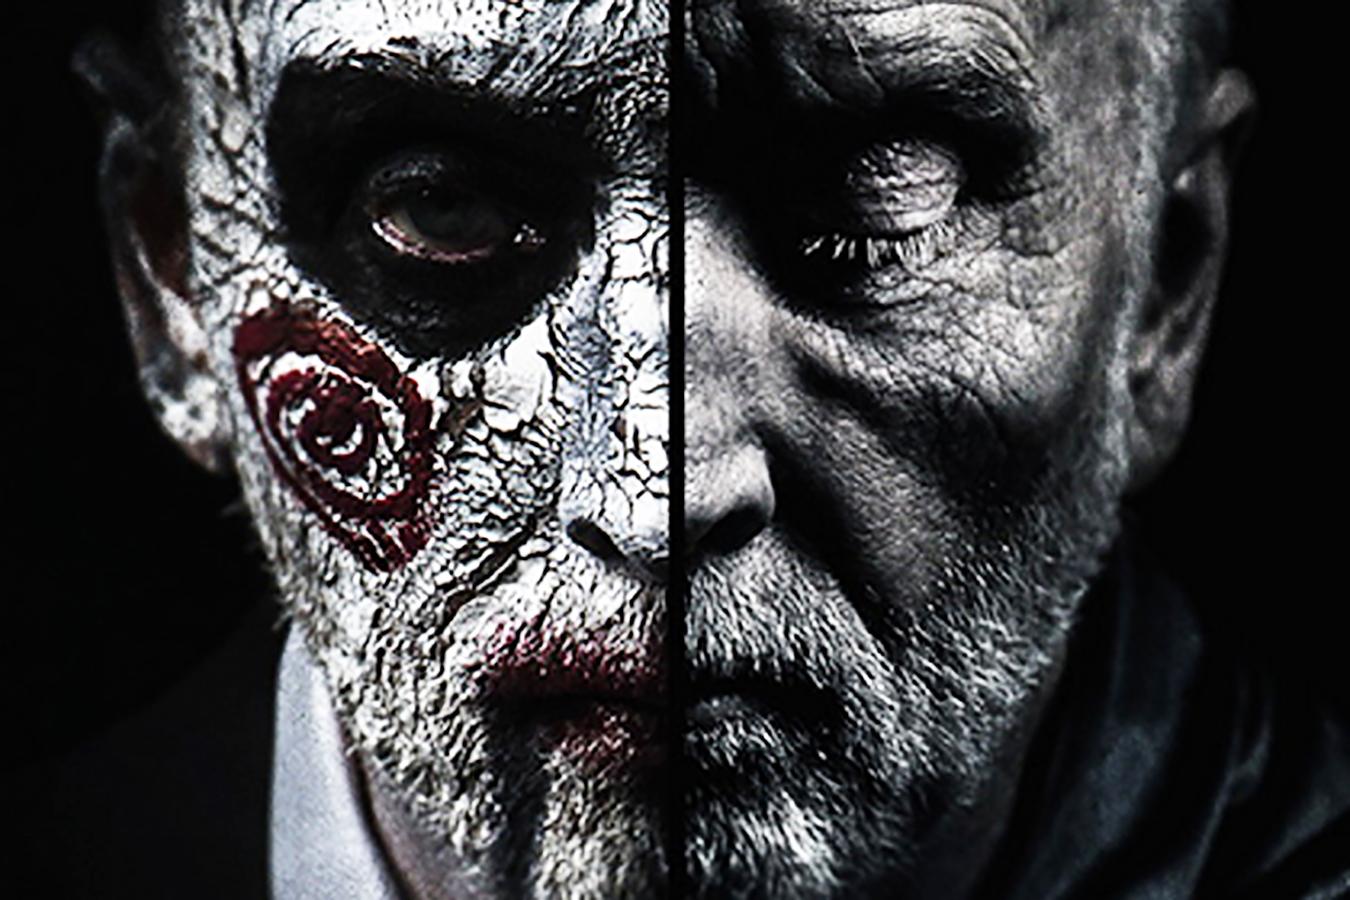 بررسی فیلم Jigsaw: فیلمی عجیب ولی بسیار سرگرمکننده